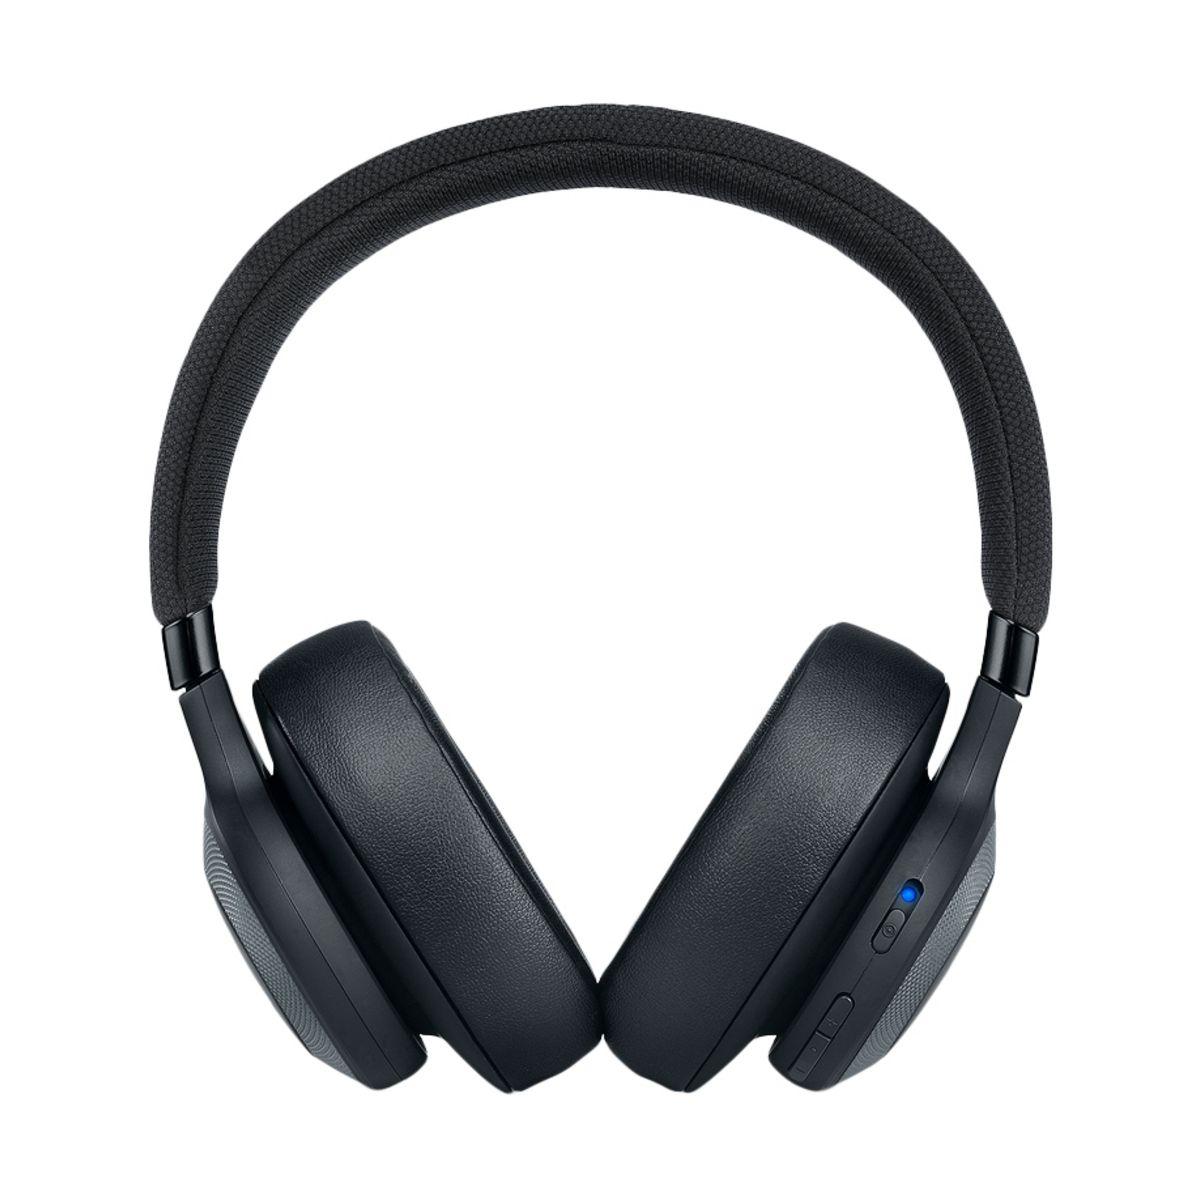 Casque audio circum-aural - Bluetooth 4.0 et Jack 3.5m - Jusqu'à 24 h d'autonomie - E65BTNC Noir